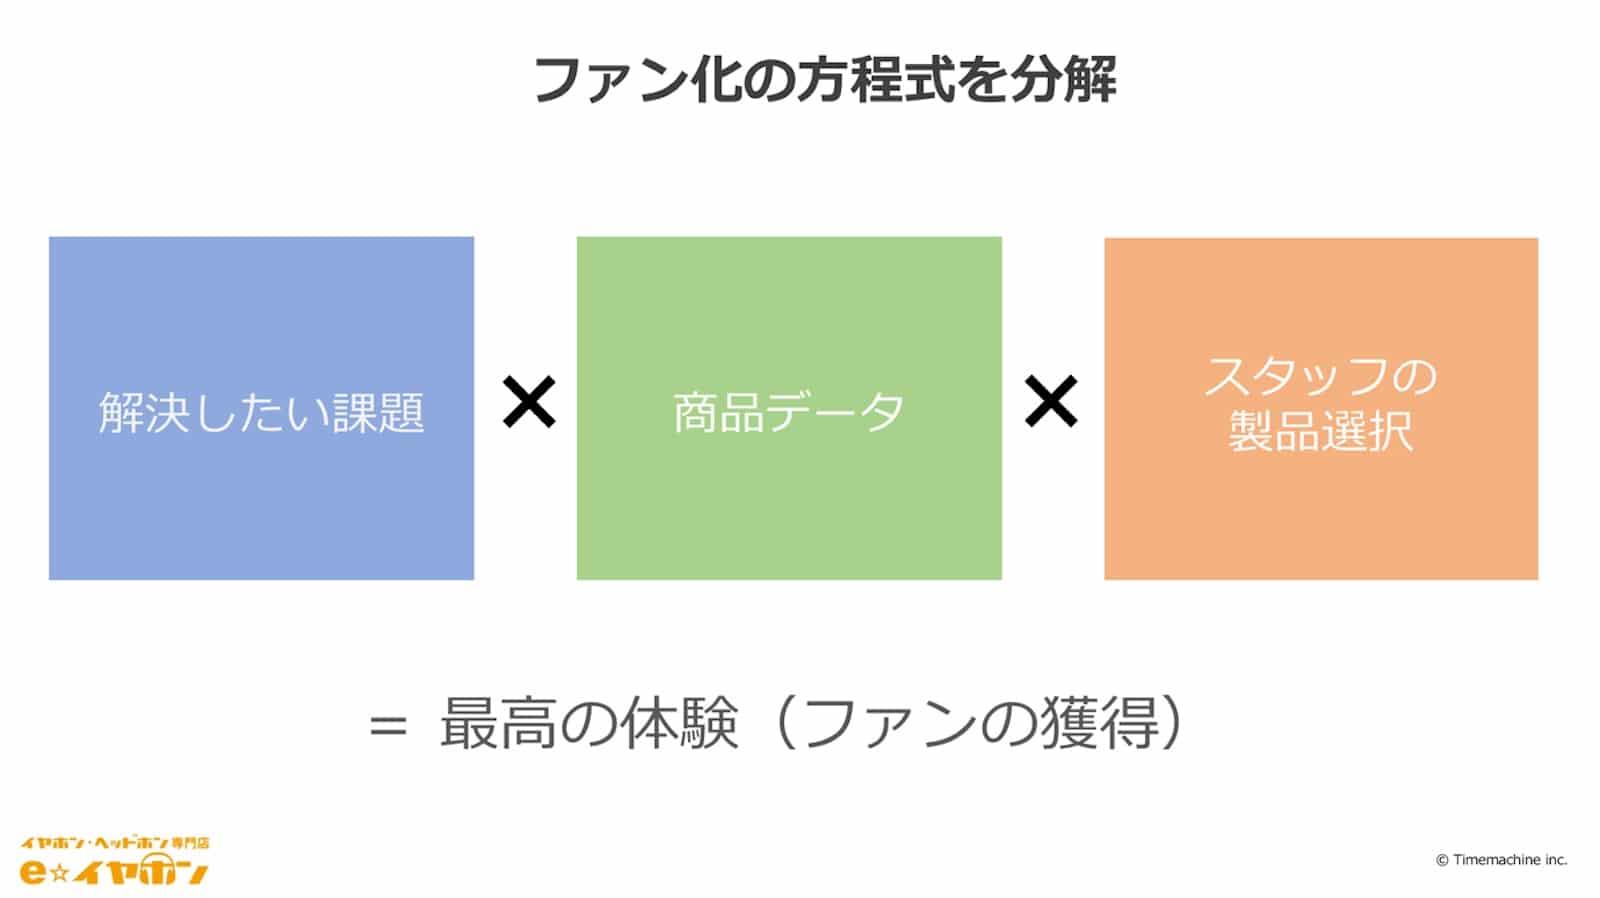 資料:ファン化の方程式を分解